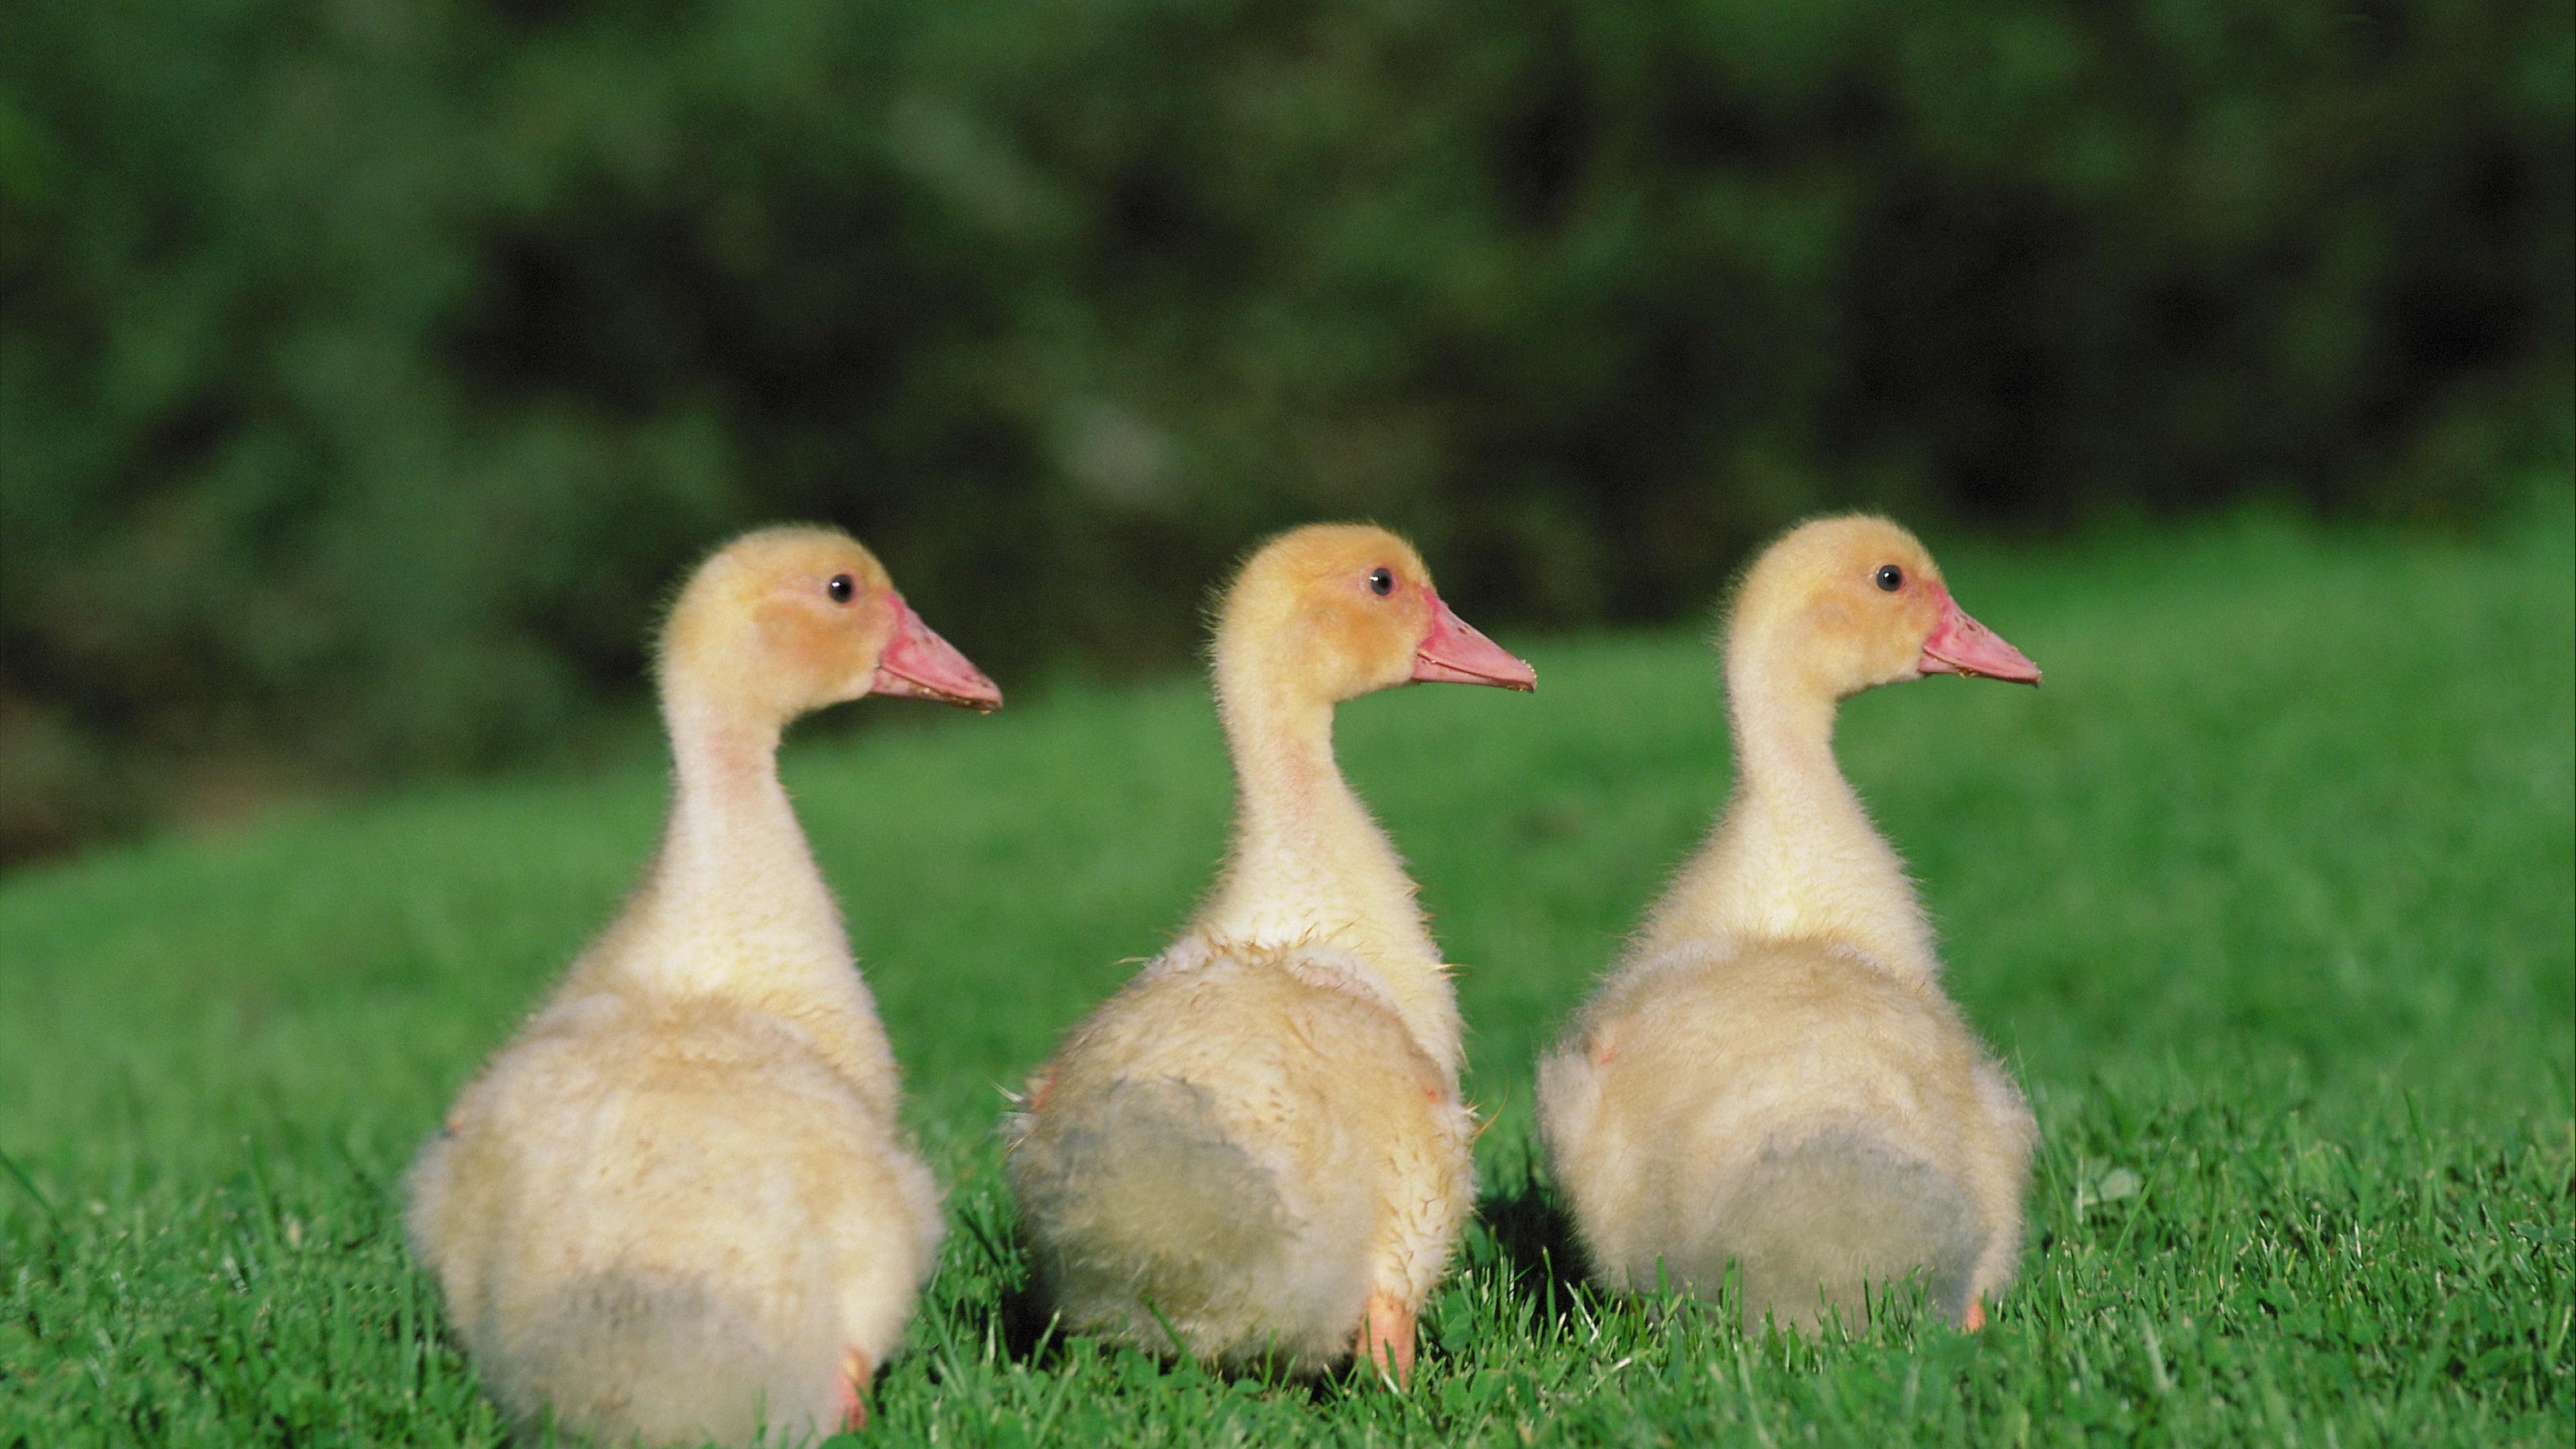 goslings geese birds chicks 4k 1542242169 - goslings, geese, birds, chicks 4k - goslings, geese, Birds